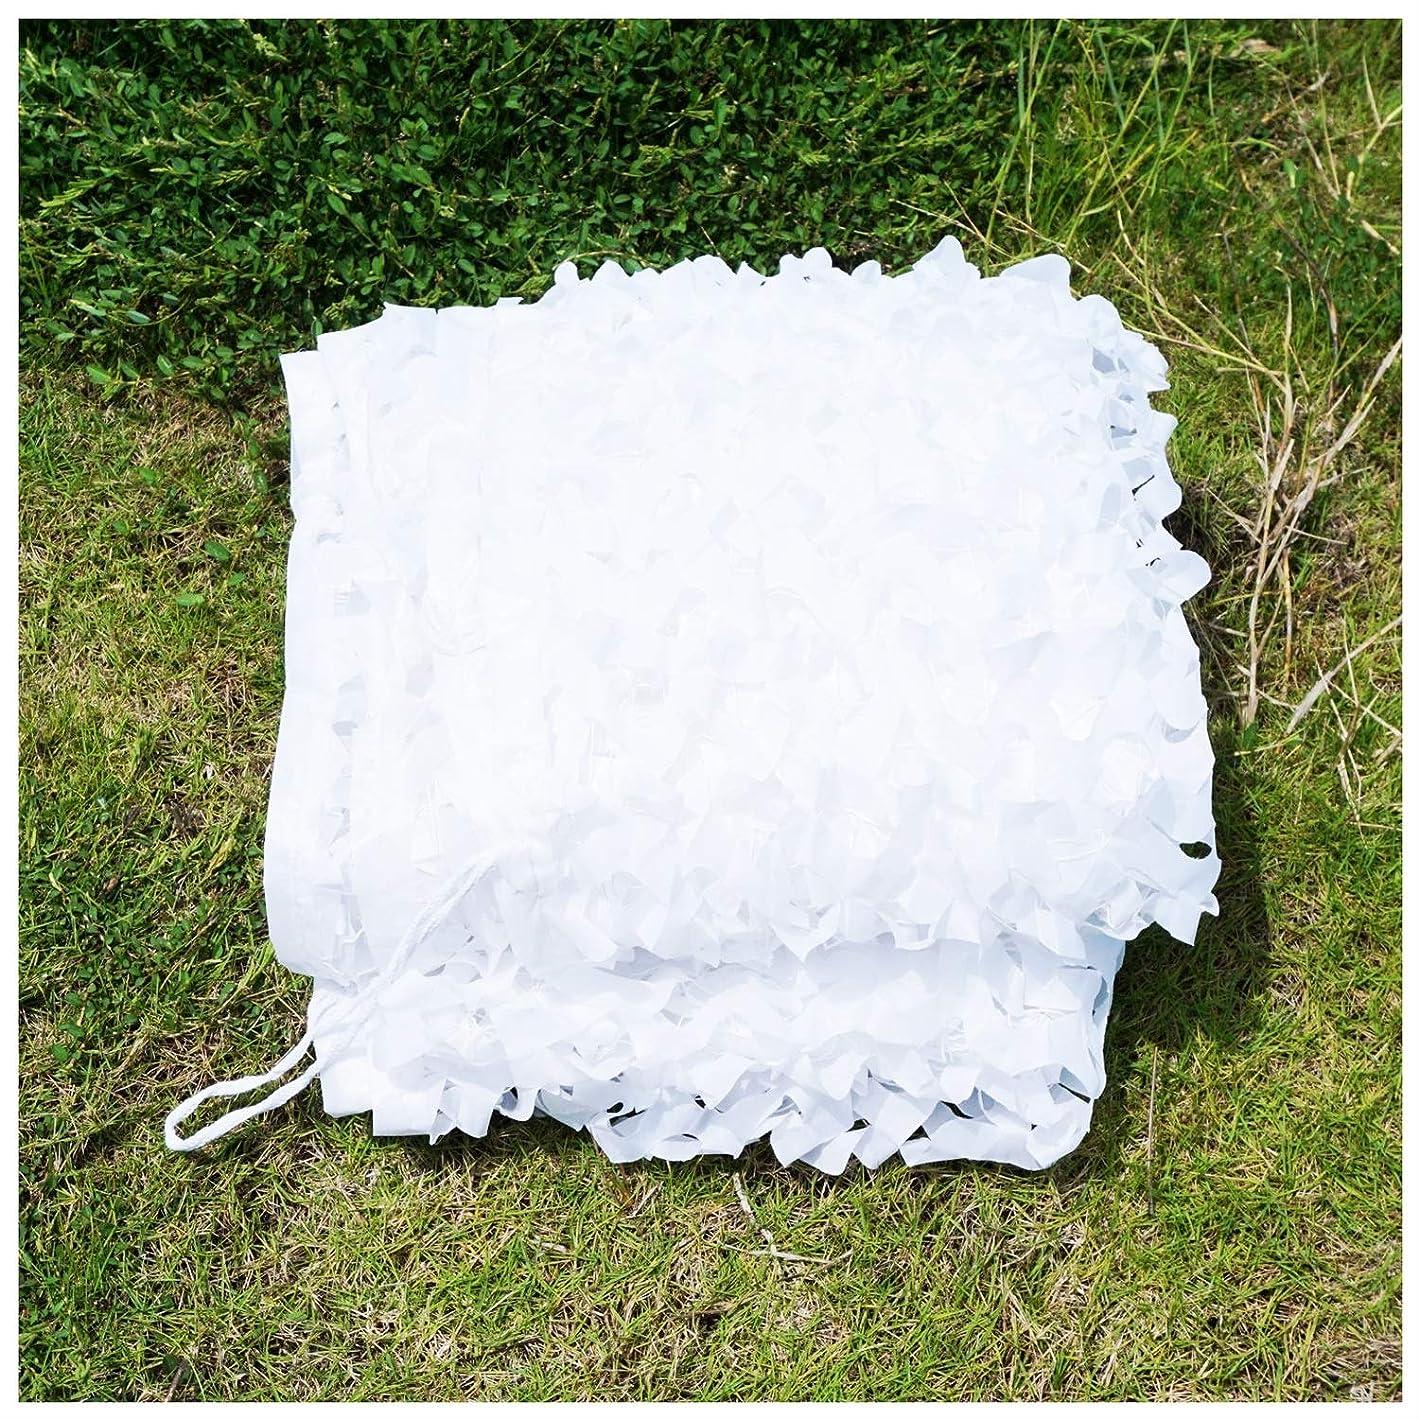 スナップ楕円形毛布日よけ迷彩ネット、子供の日焼け止めネット補強メッシュカバー庭の装飾軍サンシェード軍事狩猟射撃場キャンプ屋外隠された車のカバー (Size : 4*6M(13.1*19.7ft))